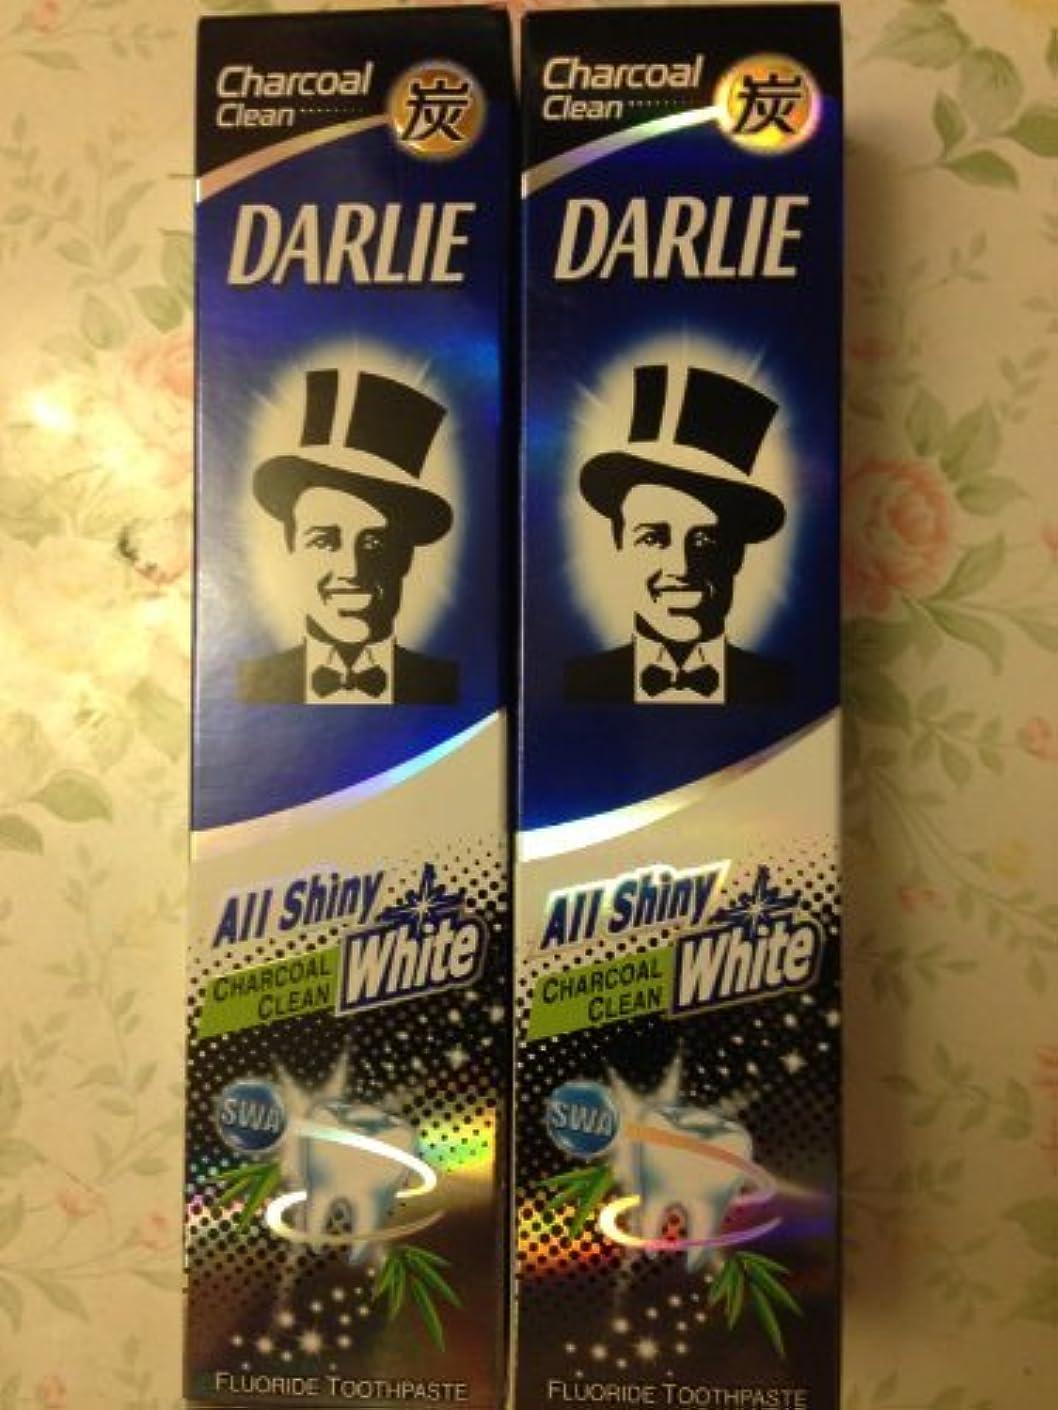 フィード配管工実現可能2 packs of Darlie Charcoal All Shiny Whitening Toothpaste by Darlie